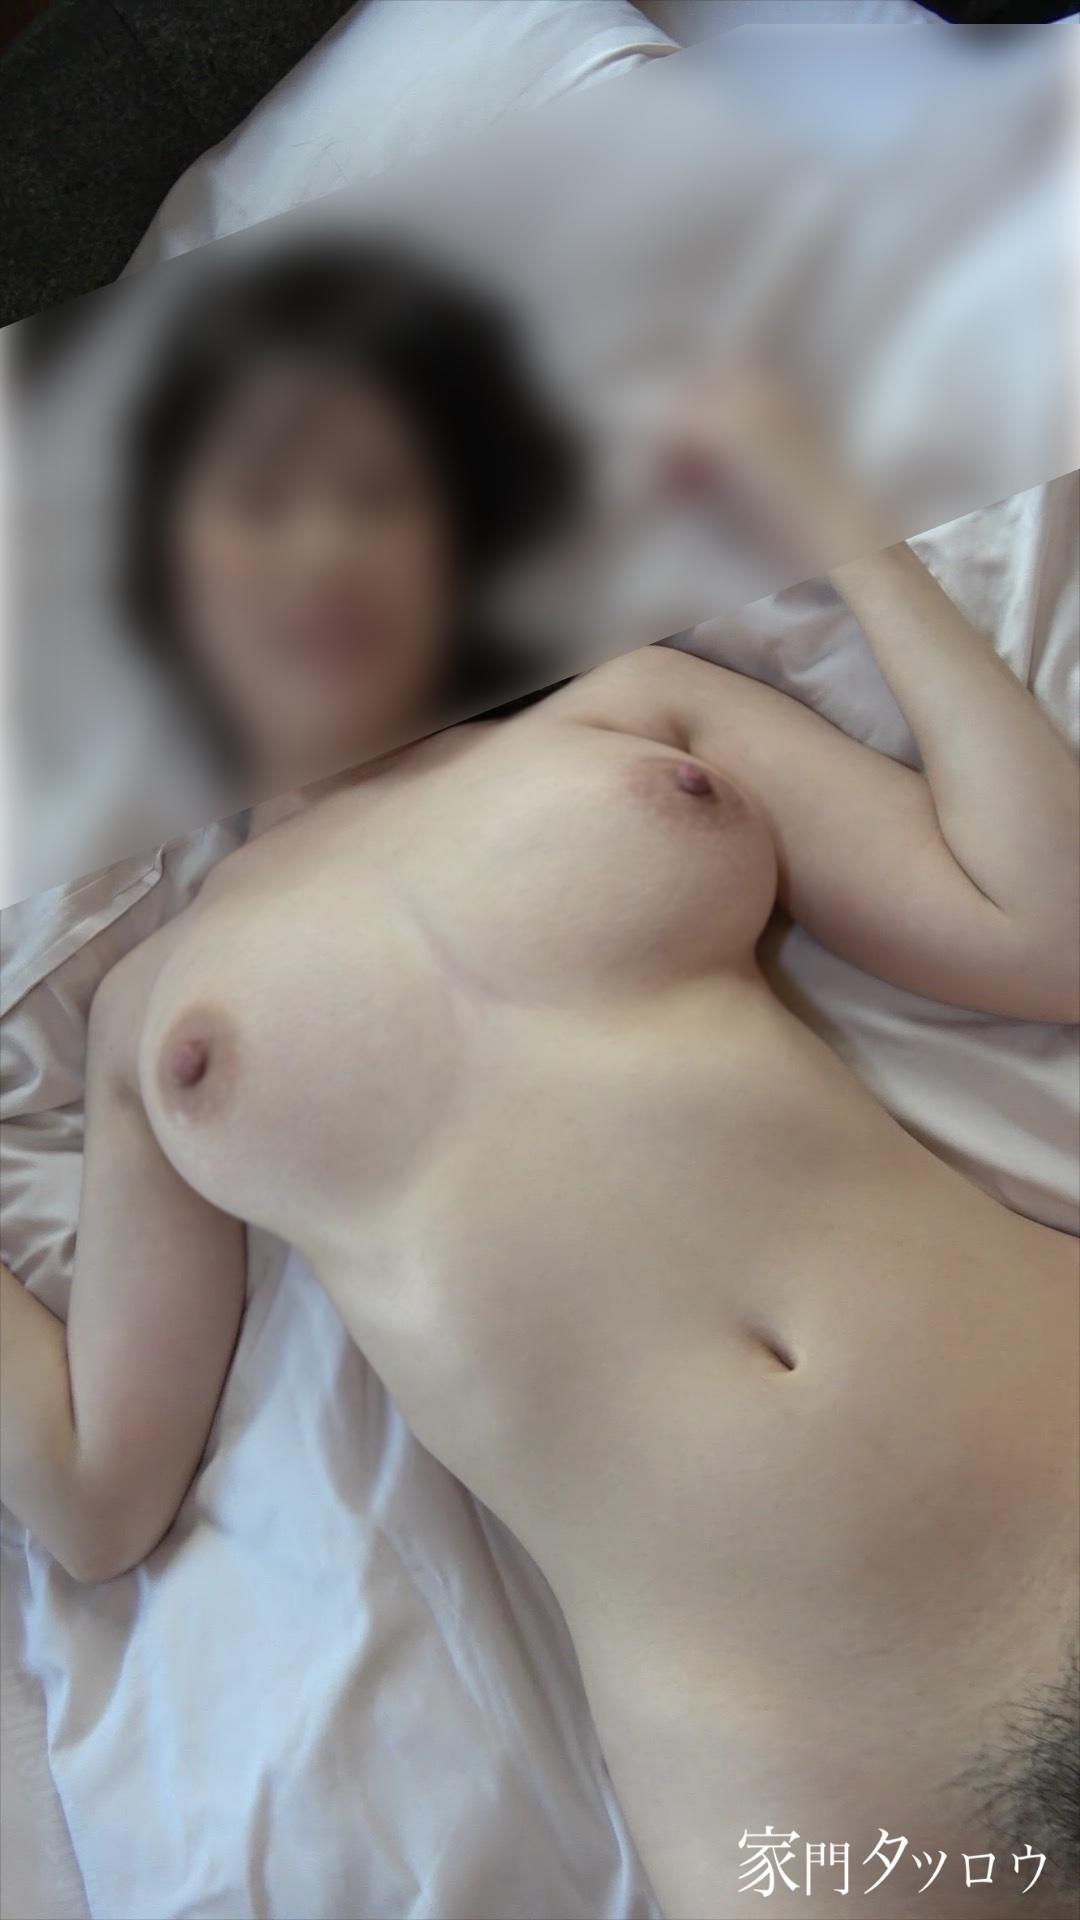 FC2 PPV 1406445 ※6/25迄※(本物素人)個人撮影 24歳 絶対的S級巨乳美女 痩せ巨乳の女神ボディー プライベート中出しSEX(海外版マスターデータ)